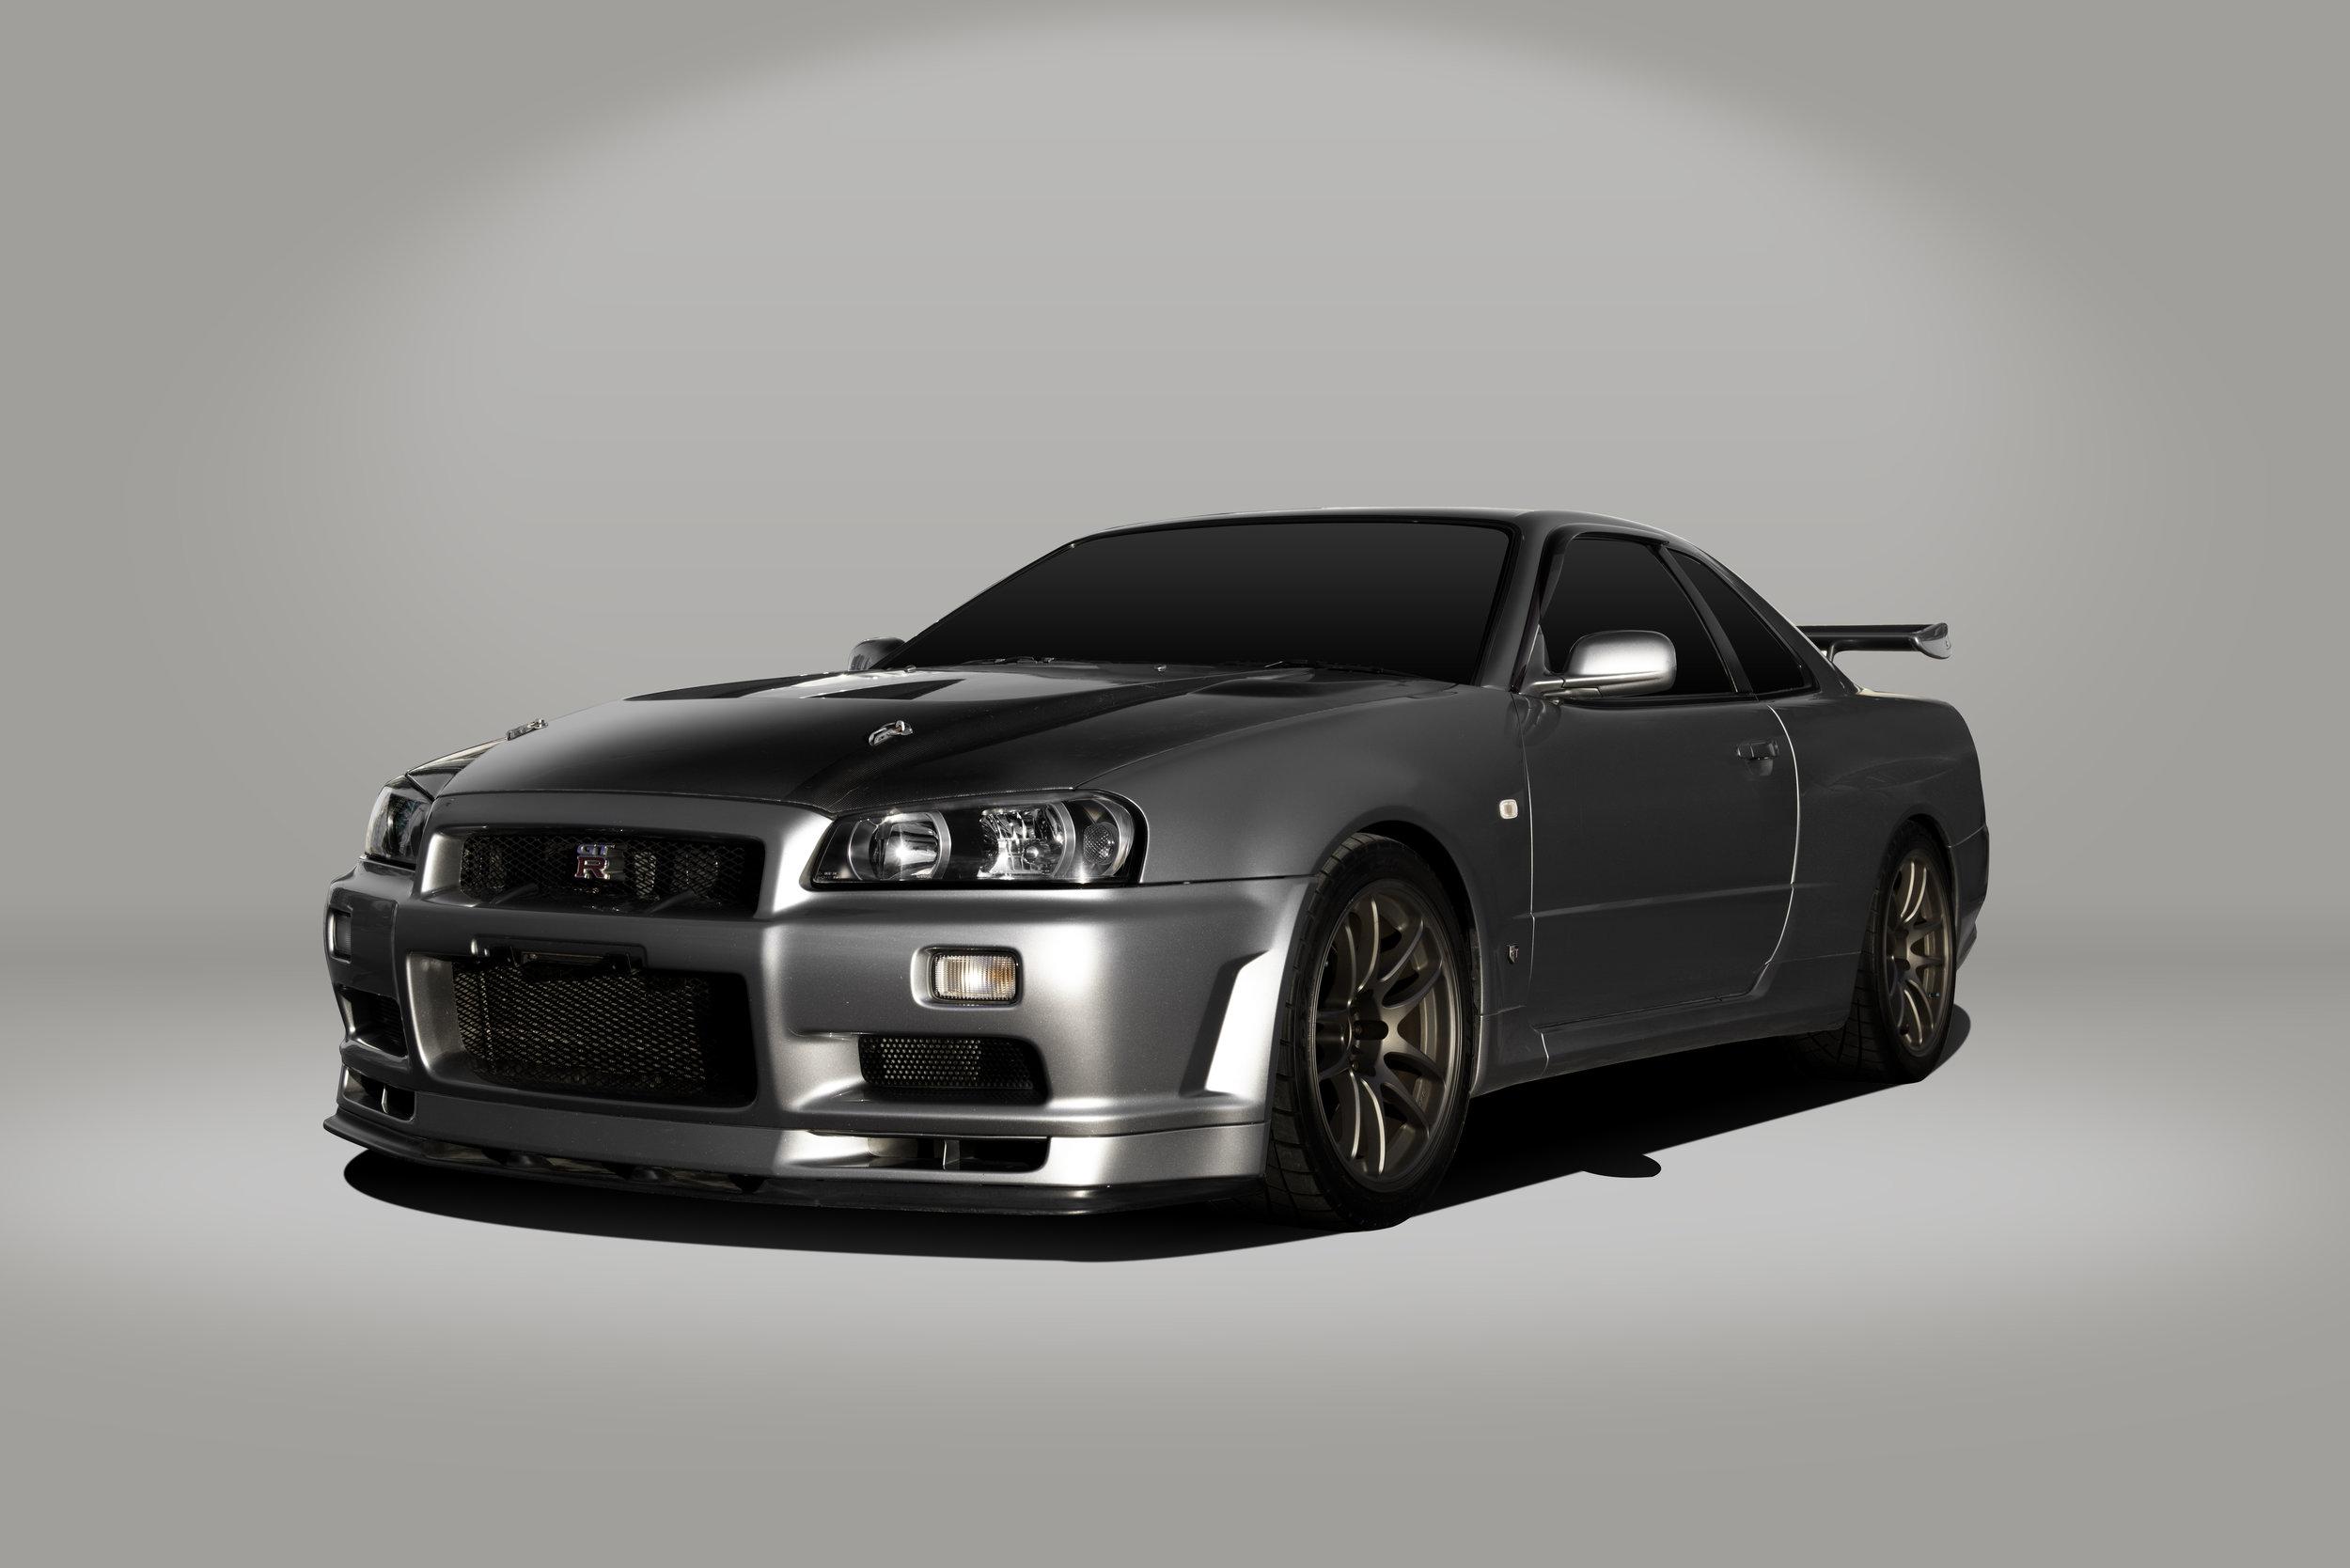 2002 R34 GTR